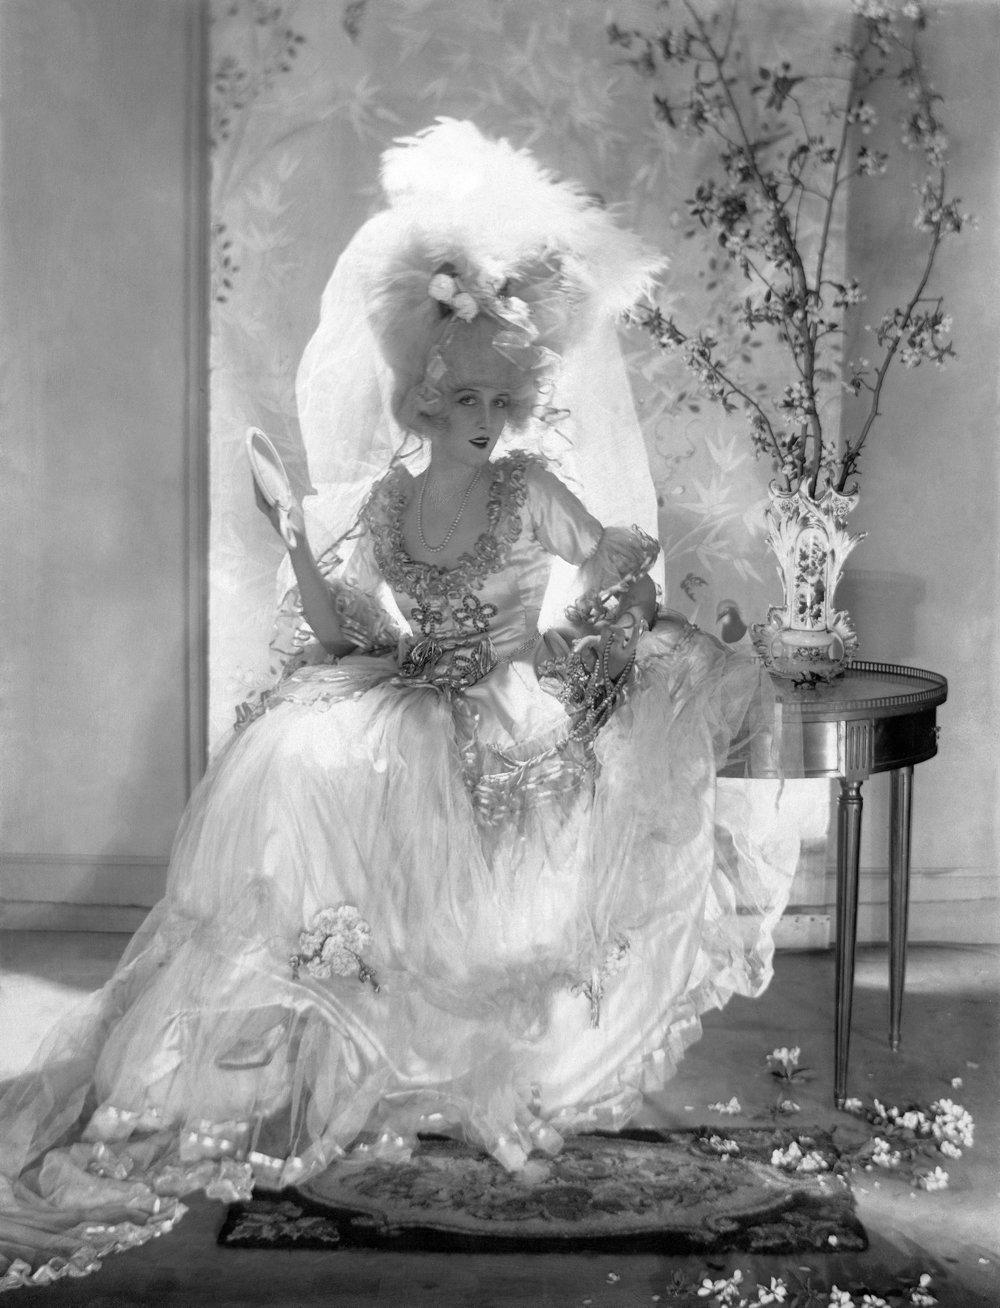 Adolph de Meyer bol prvým, kto inscenoval modelky v krásnych šatách. Z kolekcie pre Vogue z roku 1920.